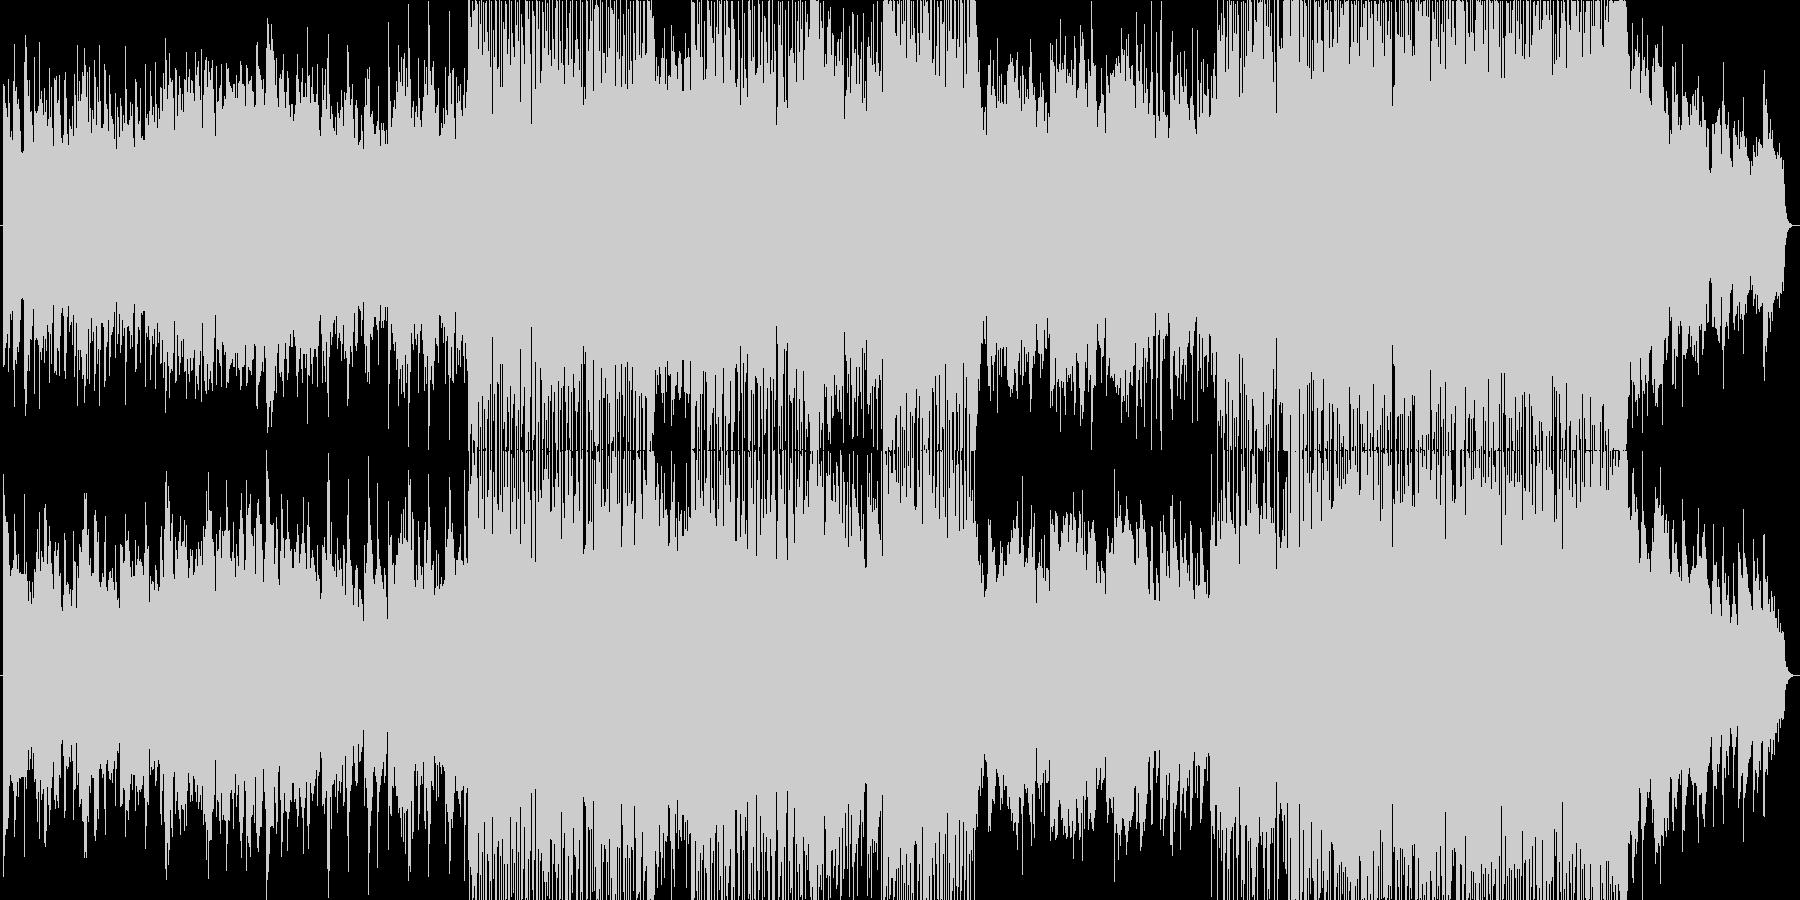 浮遊感と疾走感ある生演奏サックスインストの未再生の波形